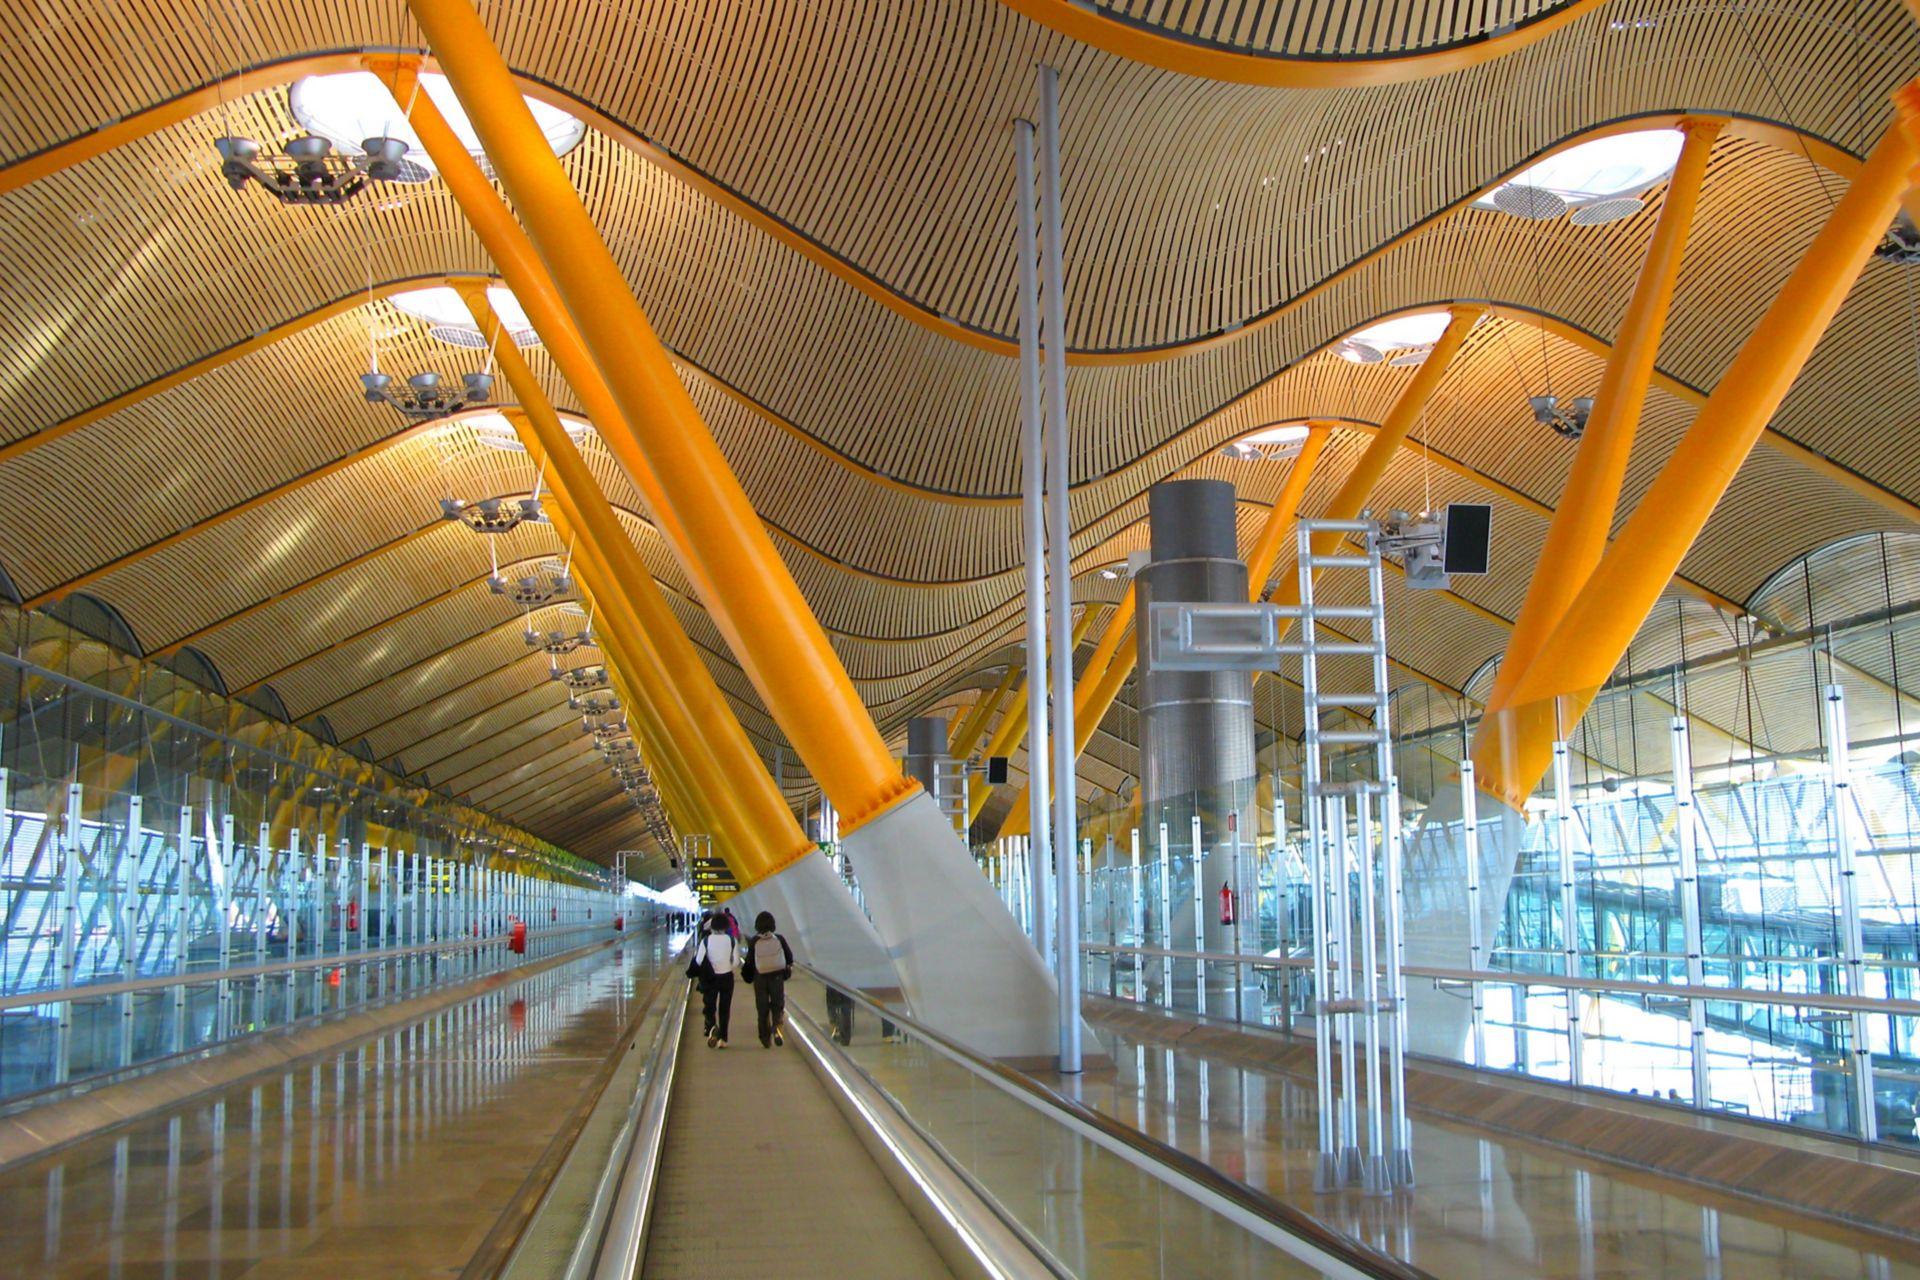 Barajas Airport in Madrid, Spain